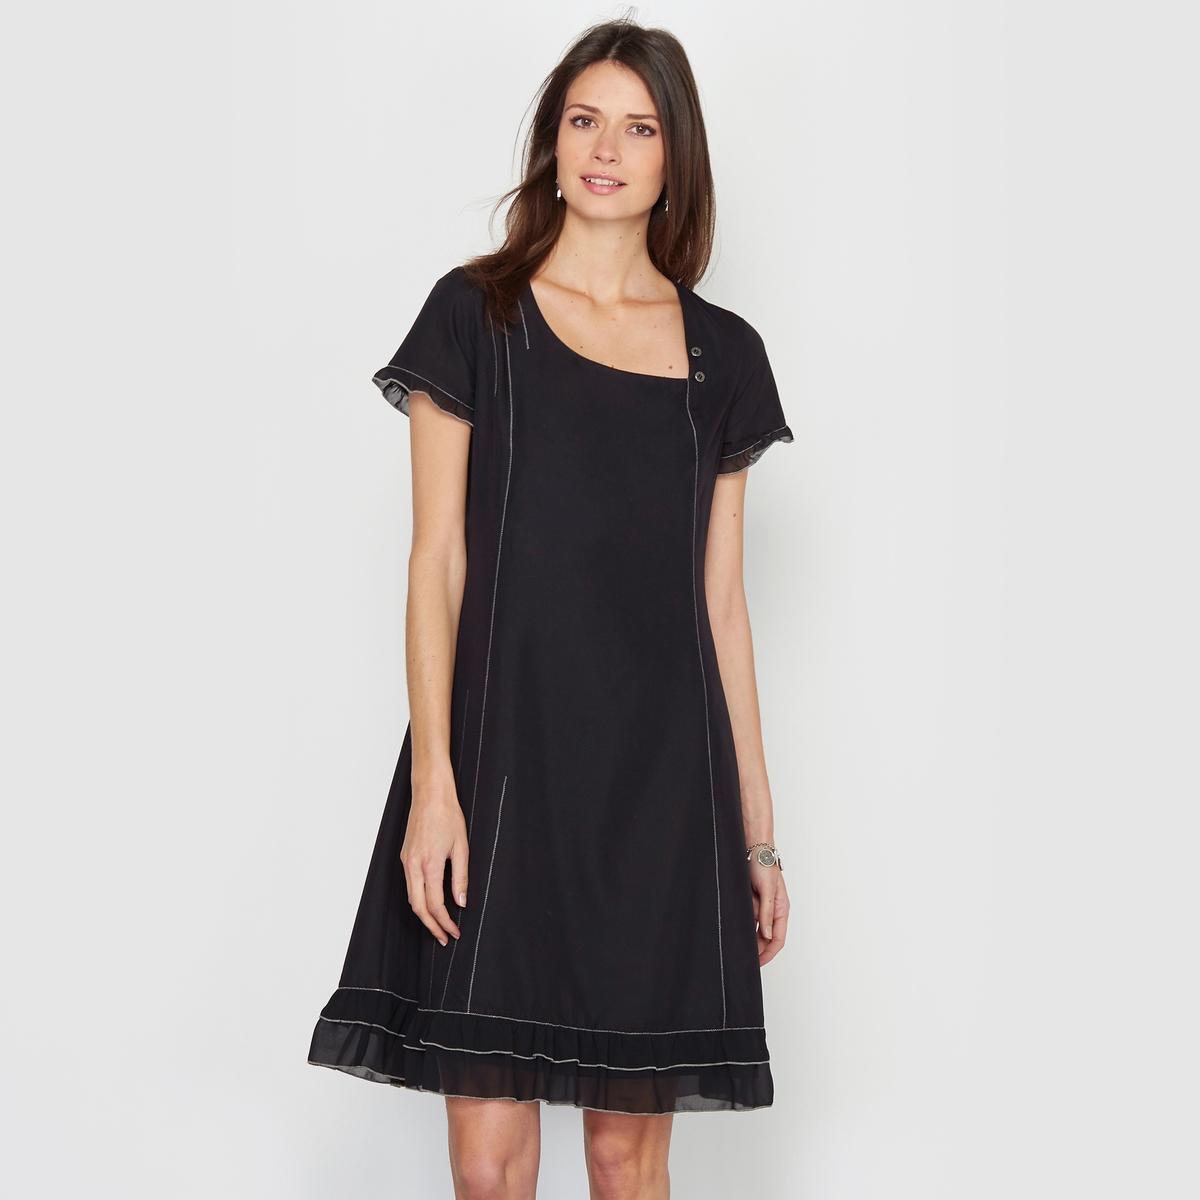 Платье из сверхмягкой микрофибрыЖенственное платье, декорированное воланами по низу и по краю коротких рукавов. Квадратный вырез с небольшой пуговицей. Сочетание отрезных деталей с видимой строчкой спереди и сзади. Застежка на молнию сзади.Состав и описание:Материал: невероятно мягкая на ощупь микрофибра, 75% вискозы, 25% полиэстера.Подкладка: 100% полиэстера.Длина: 95 см.Марка: Anne WeyburnУход:Машинная стирка при 30° в умеренном режиме с изнанки.Гладить на низкой температуре с изнанки.<br><br>Цвет: черный<br>Размер: 38 (FR) - 44 (RUS)